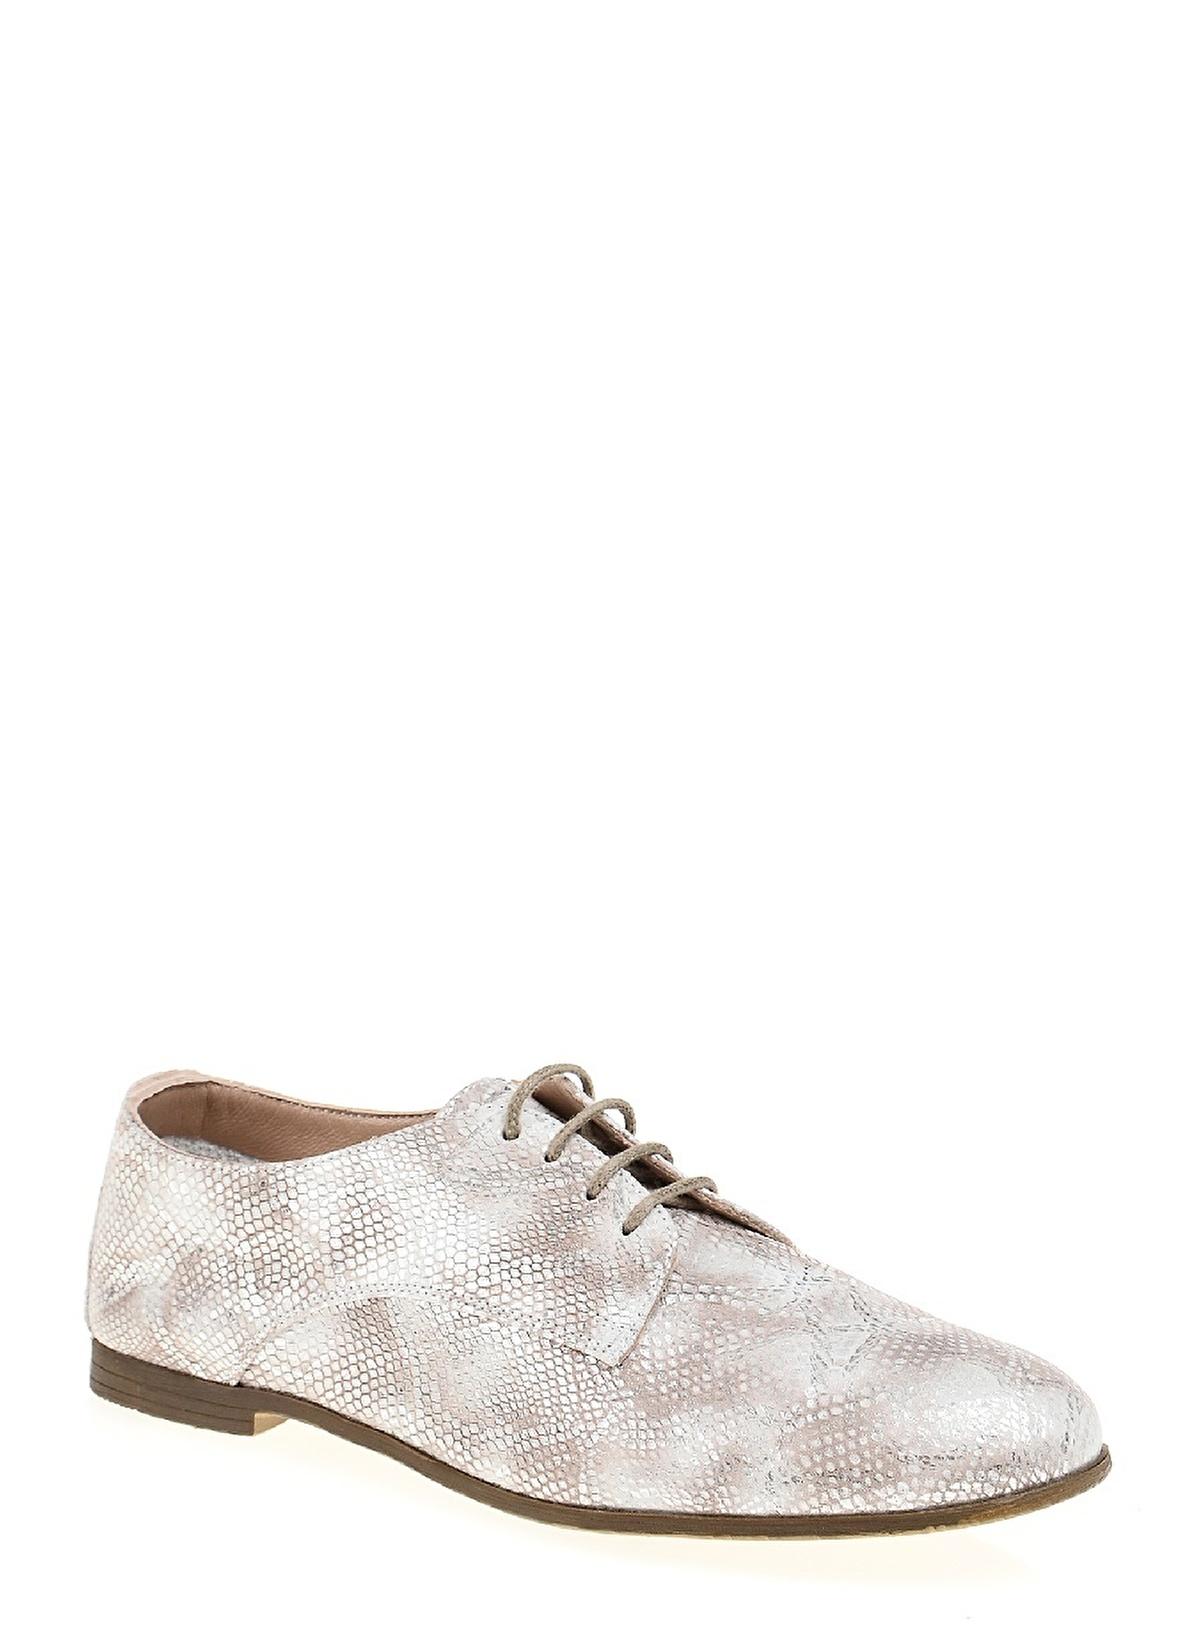 Divarese Yılan Derili Oxford Ayakkabı 5019658 K Ayakkabı – 274.5 TL